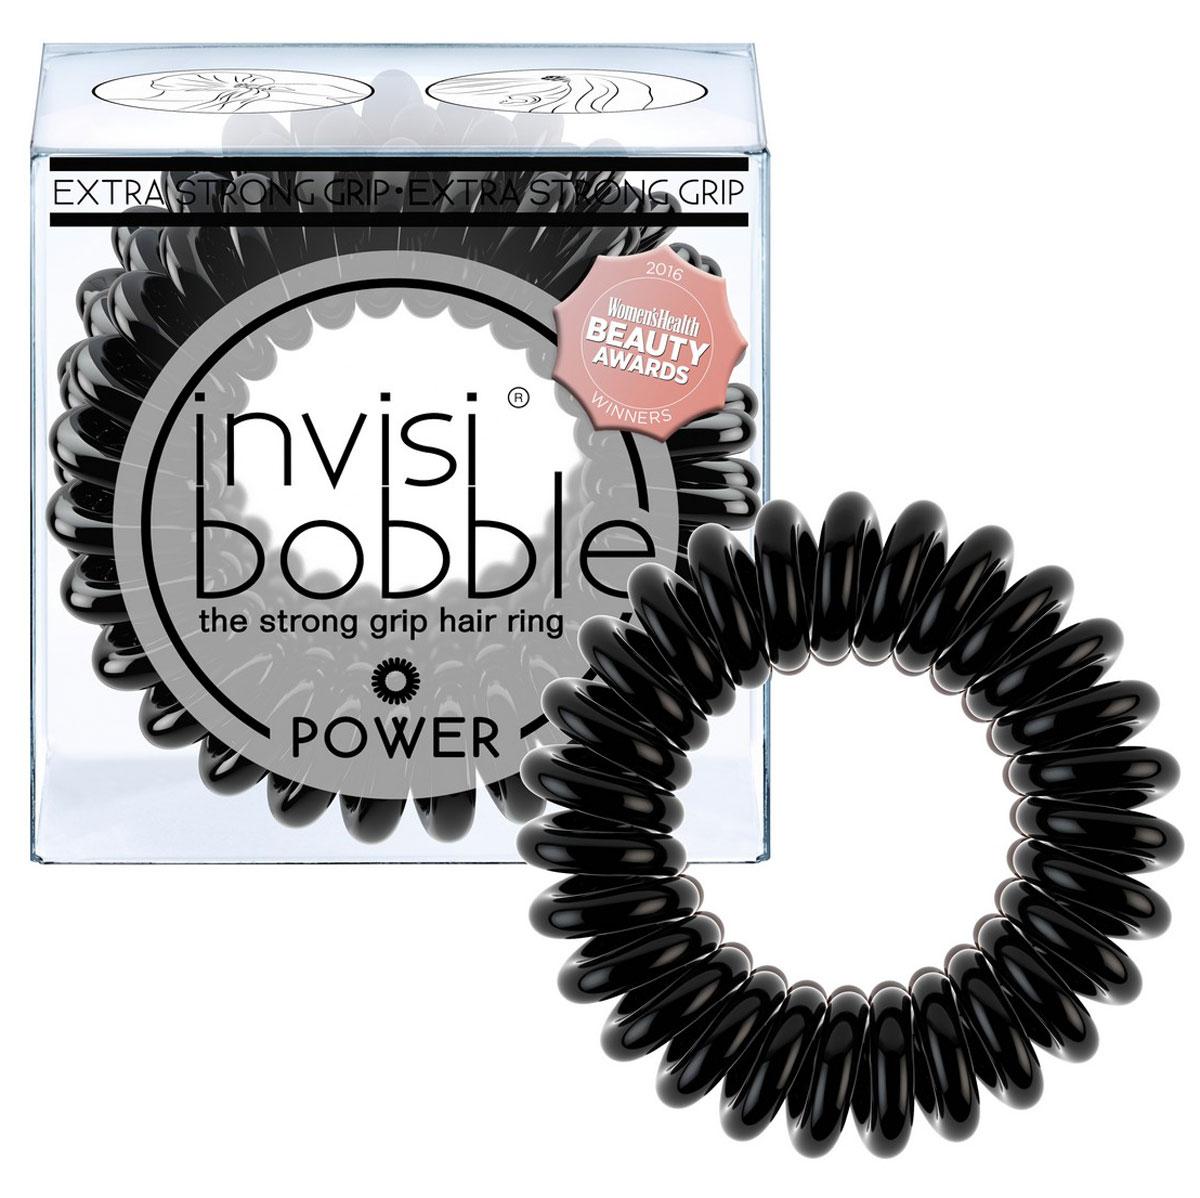 Invisibobble Резинка-браслет для волос Power True Black, 3 штMP59.4DОттенок invisibobble true black из коллекции POWER для всех, кто придерживается классического стиля! Коллекция invisibobble POWER создана для всех, кто ведет активный образ жизни! Резинки-браслеты invisibobble POWER немного больше в размере, чем invisibobble ORIGINAL, а также имеют более плотные витки. Это позволяет плотно фиксировать волосы во время занятий спортом и активного отдыха. invisibobble POWER также идеальны для густых волос. Резинки-браслеты invisibobble подходят для всех типов волос, надежно фиксируют причёску, не оставляют заломов и не вызывают головную боль благодаря неравномерному распределению давления на волосы. Кроме того, они не намокают и не вызывают аллергию при контакте с кожей, поскольку изготовлены из искусственной смолы. C резинками invisibobble можно легко создавать разные прически. Резинки прочно держат волосы любой длины, при этом не стягивая их слишком туго. «Телефонный провод» позволяет с легкостью и без вреда для волос протягивать пряди под спираль и ослаблять уже закрепленные для придания объема прическе. Увеличенный размер и более плотные витки invisibobble POWER позволяют прочно закрепить причёску во время занятий спортом, а также идеально подходят для объёмных и густых волос.Не комедогенна.